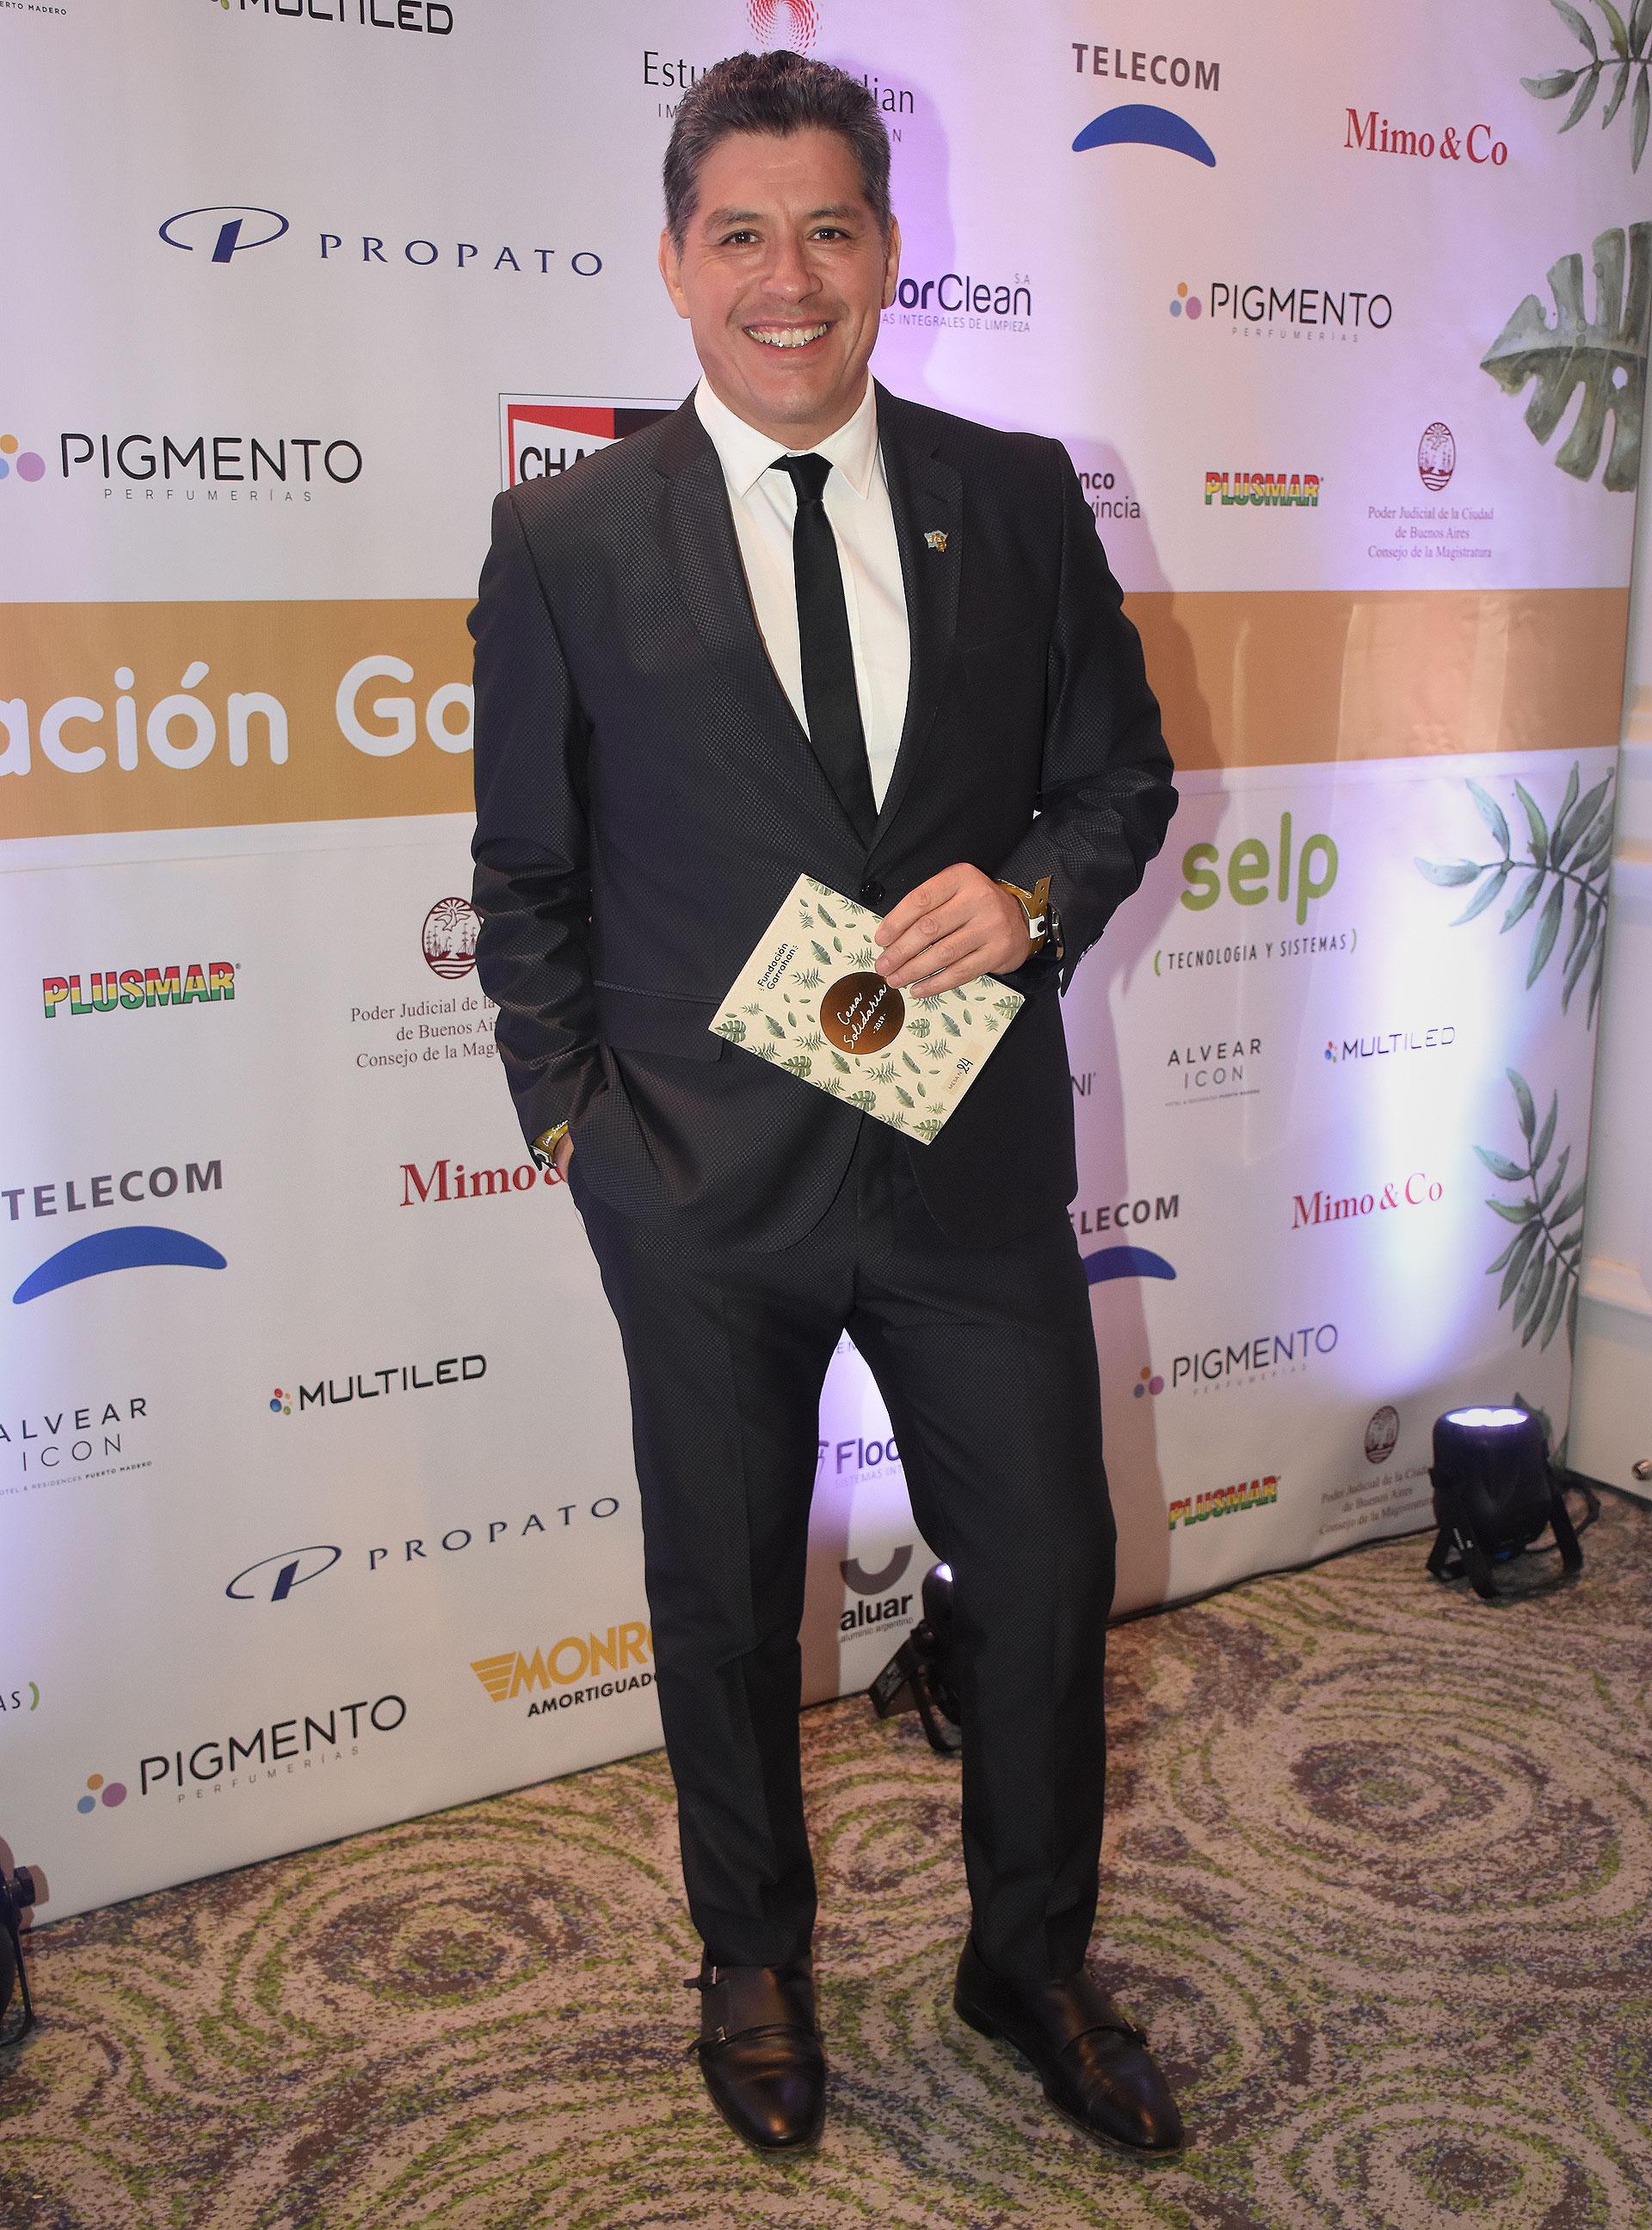 El locutor y periodista argentino Guillermo Eugenio Lobo